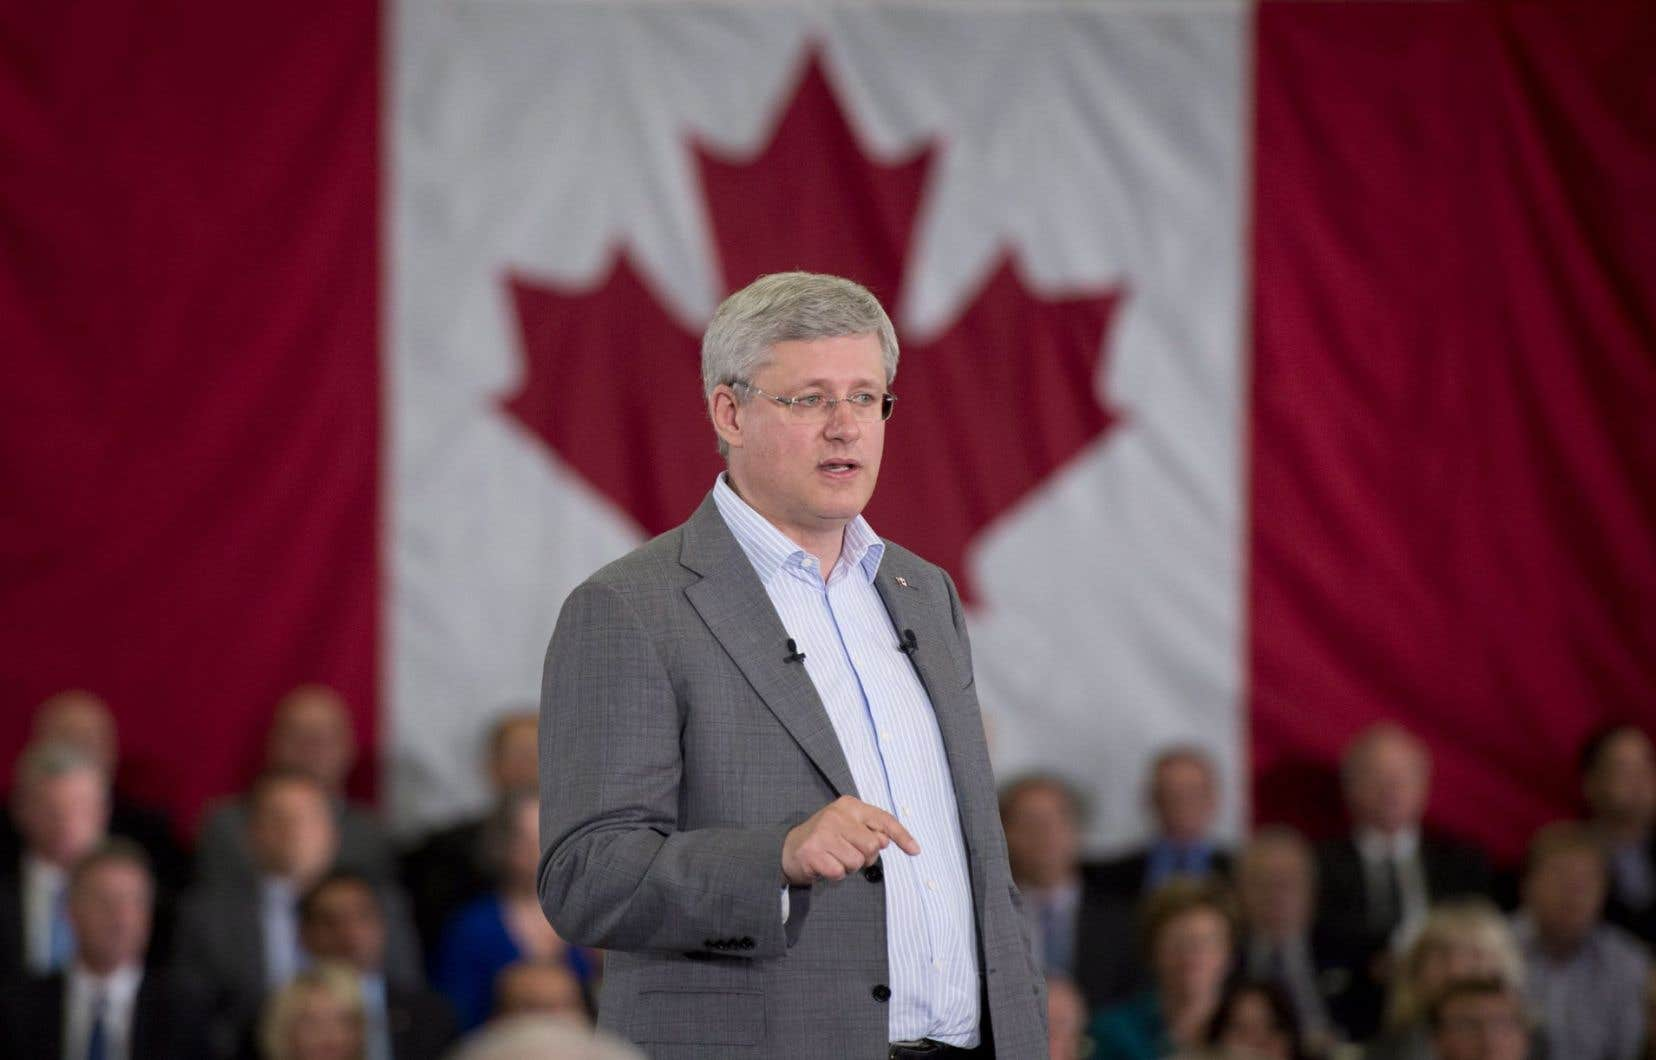 Le discours du premier ministre Stephen Harper avait toutes les allures d'un rallye électoral.